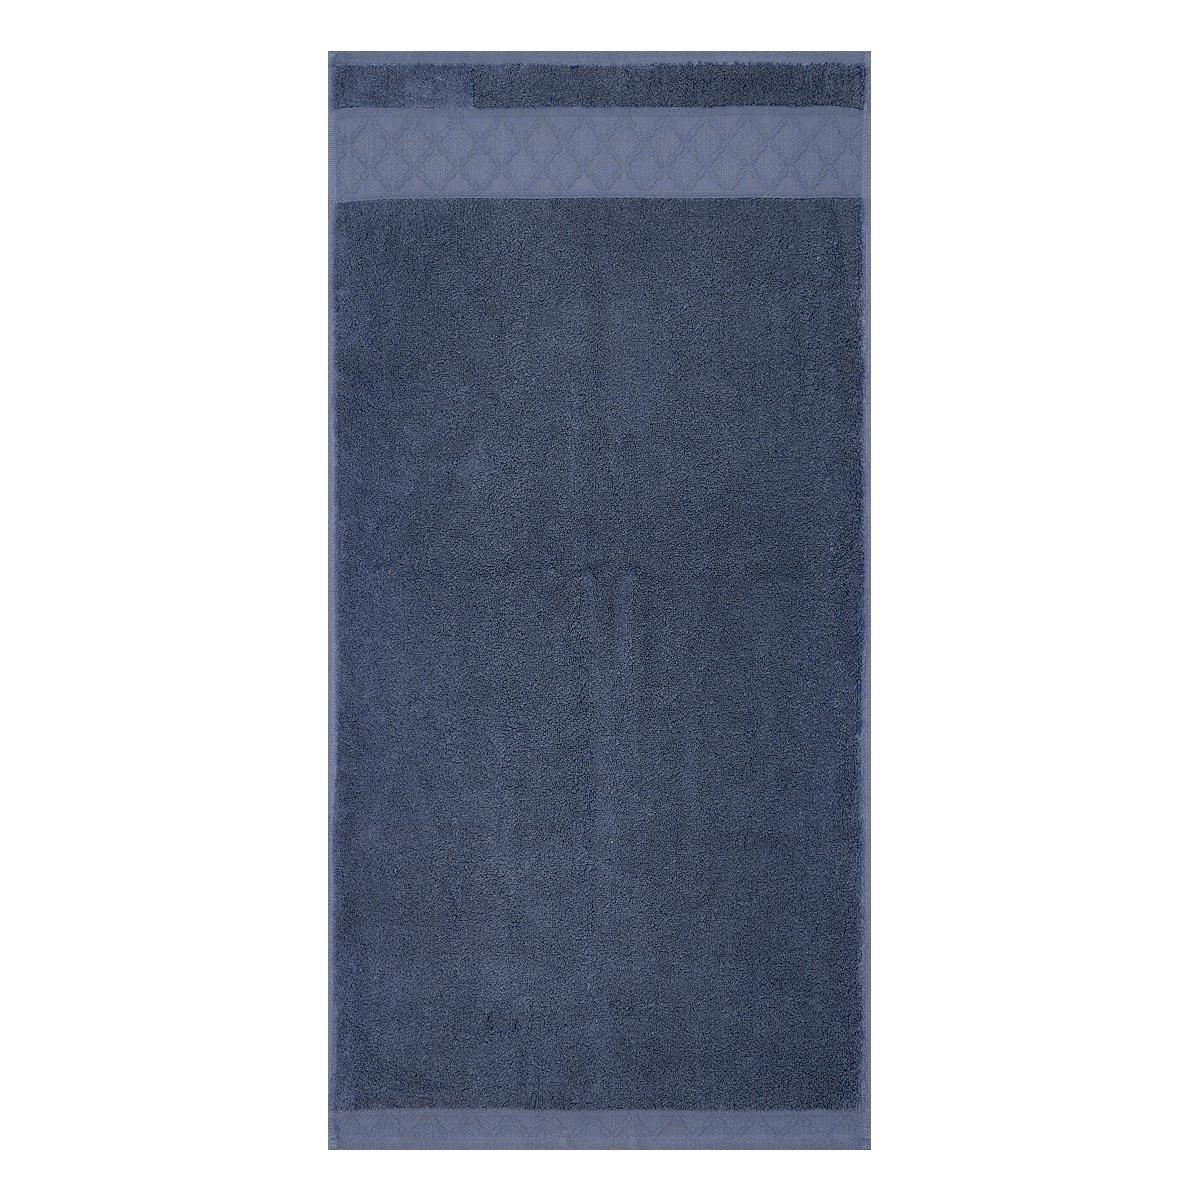 Serviette en coton bleu orient 30 x 50